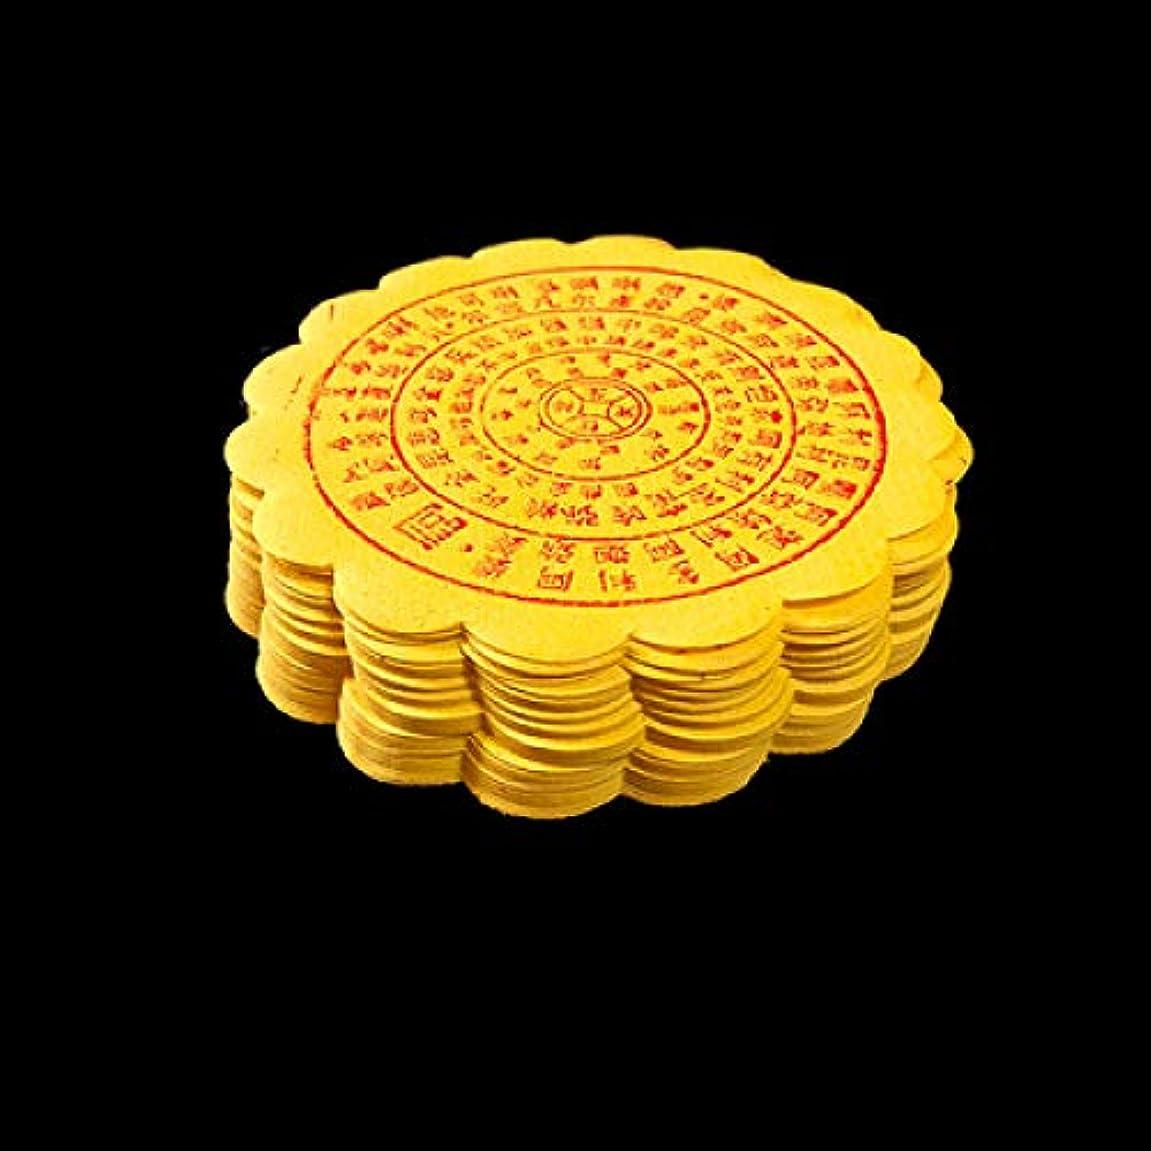 効率的企業疼痛中国偽地獄紙幣/お金中国香り紙天国地獄銀行売られ過ぎ人D12cm(200ピース)